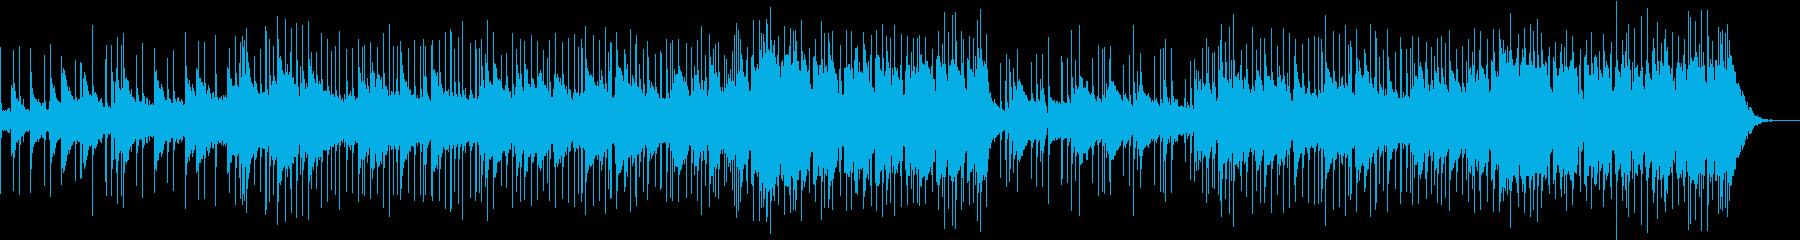 ミステリアス シンセコーラスの再生済みの波形